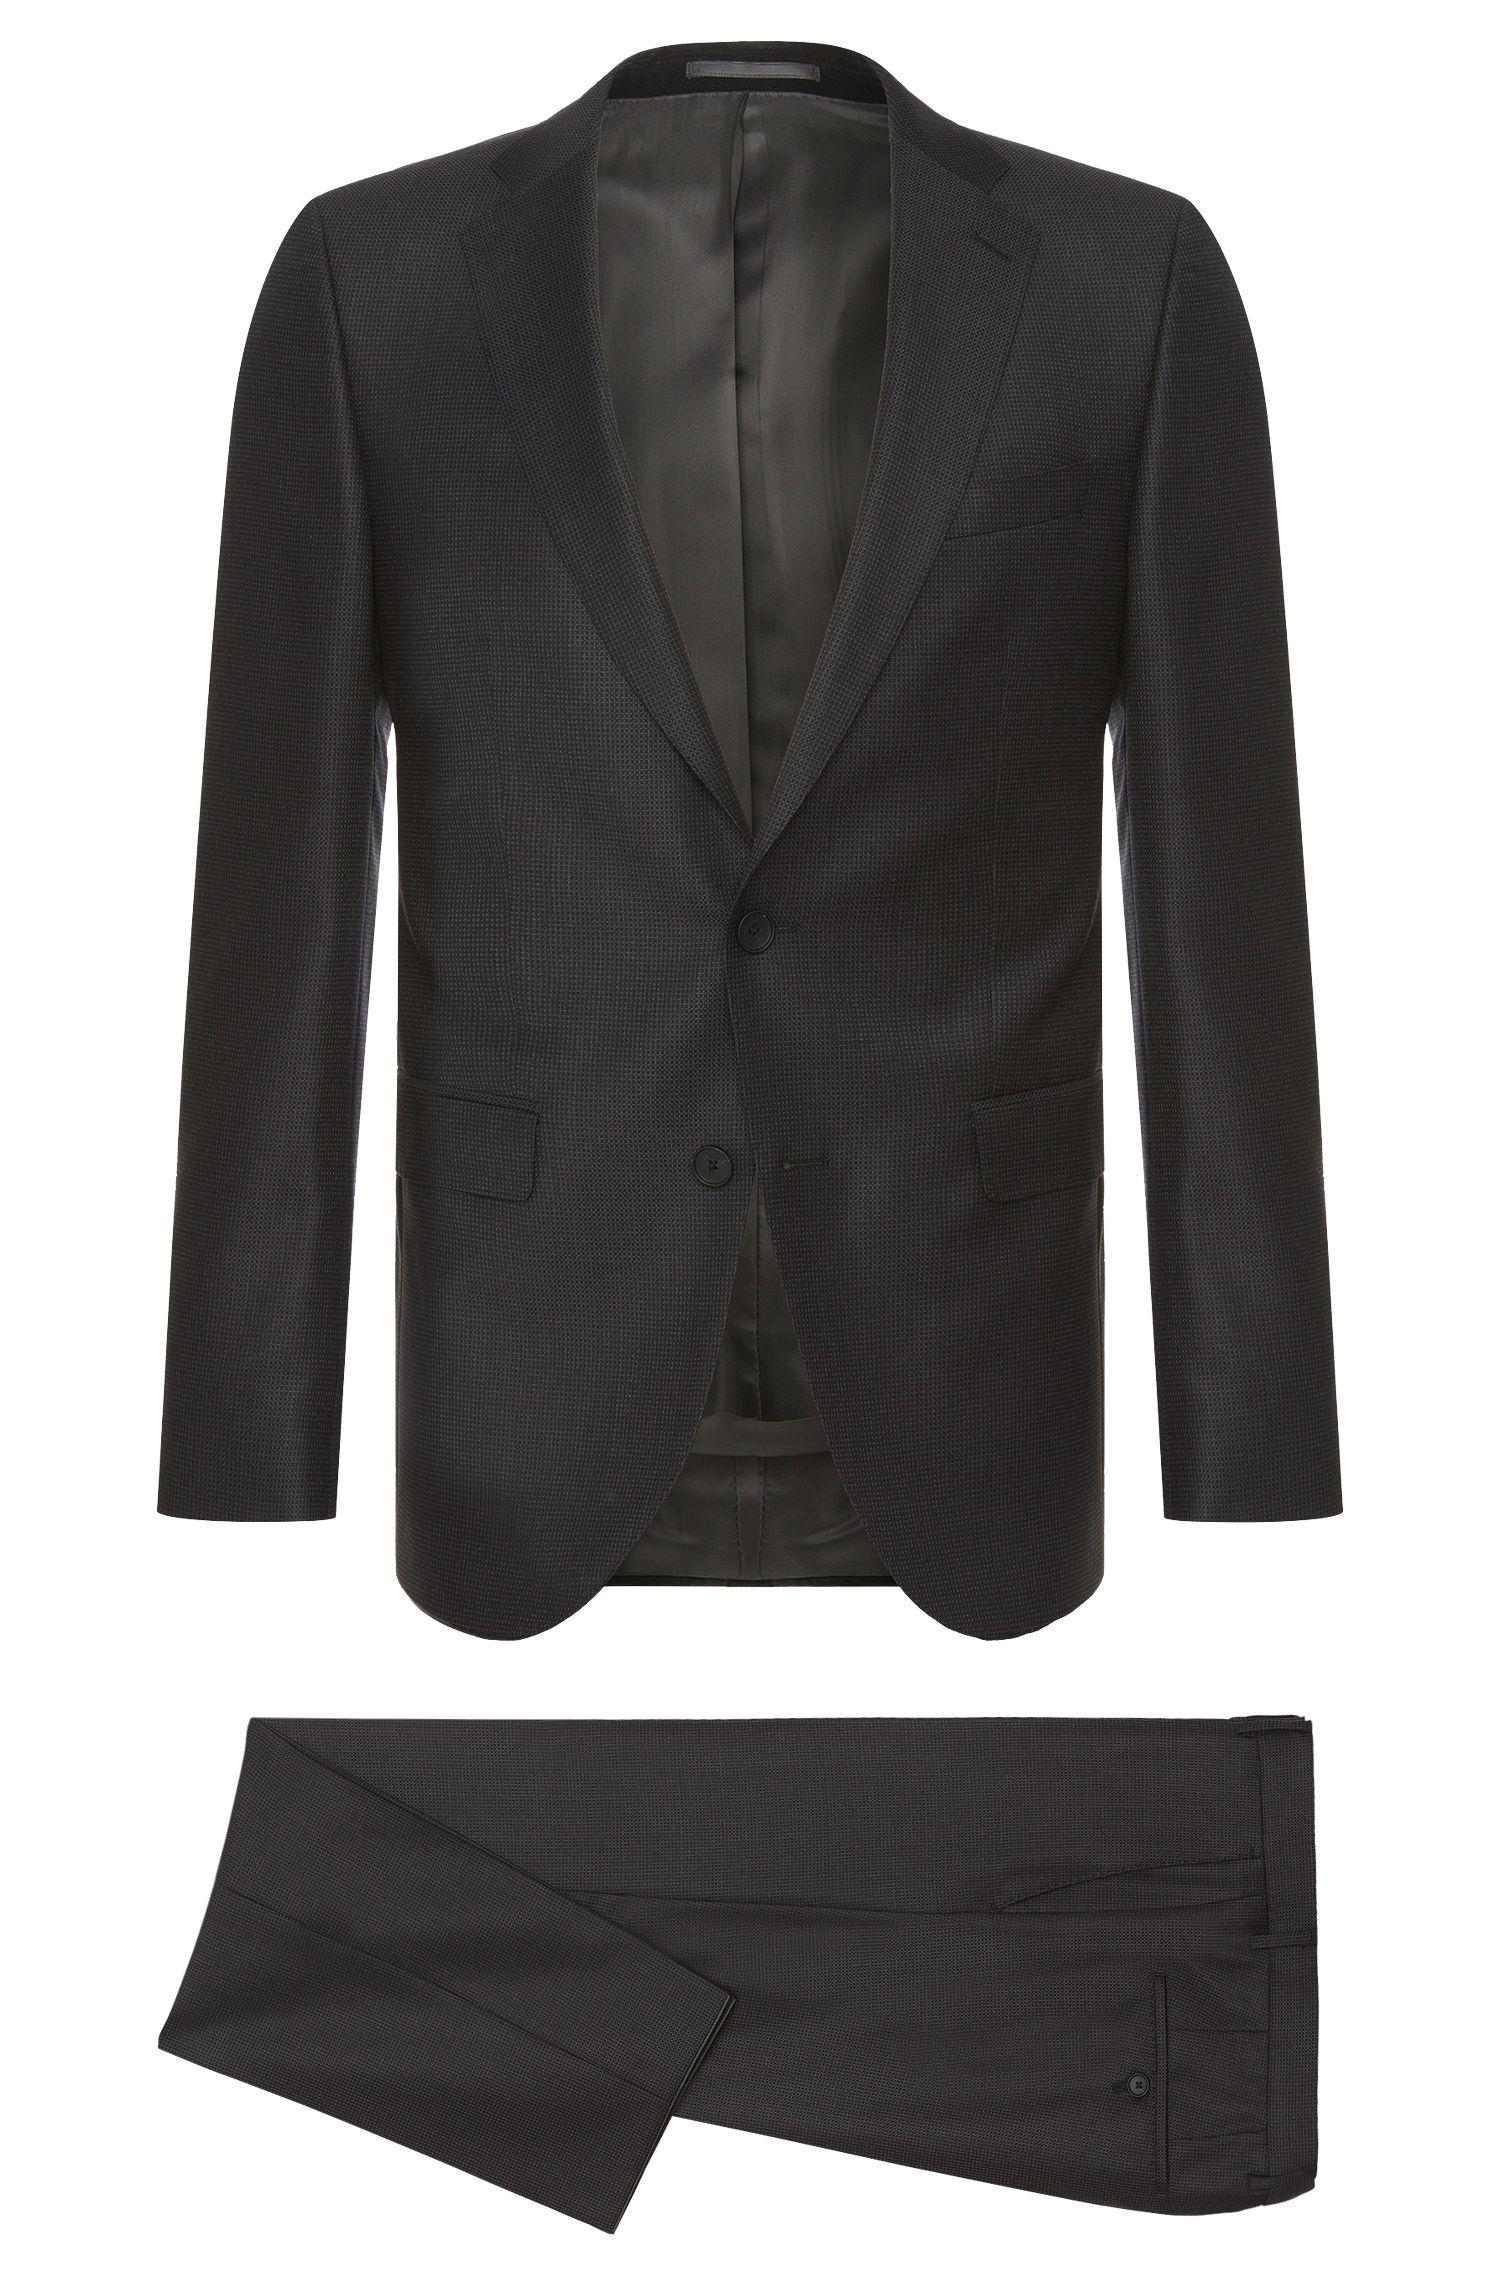 'Novan/Ben' | Slim Fit, Super 120 Italian Virgin Wool Suit